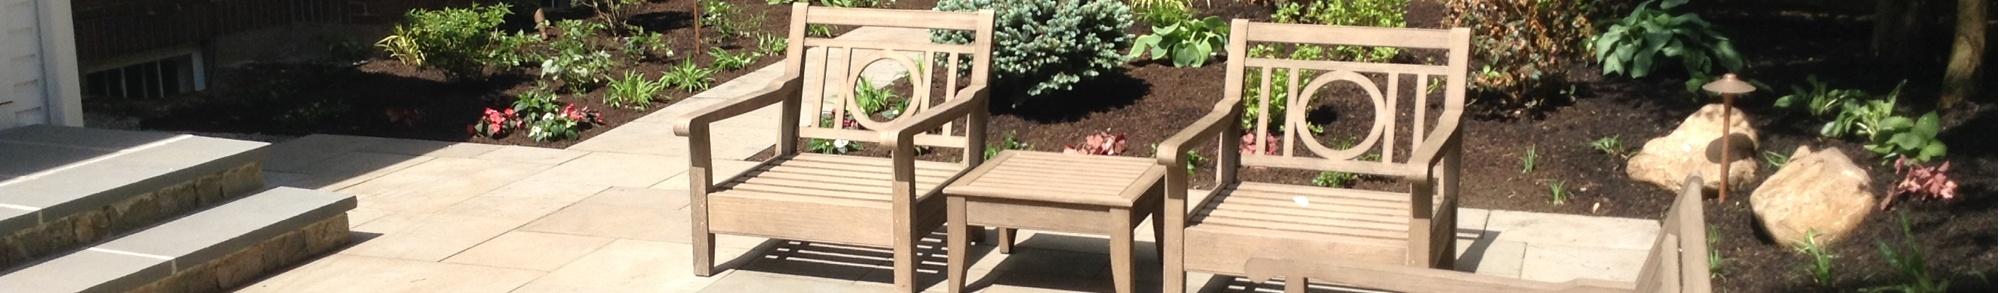 side-patio-top-image.jpg